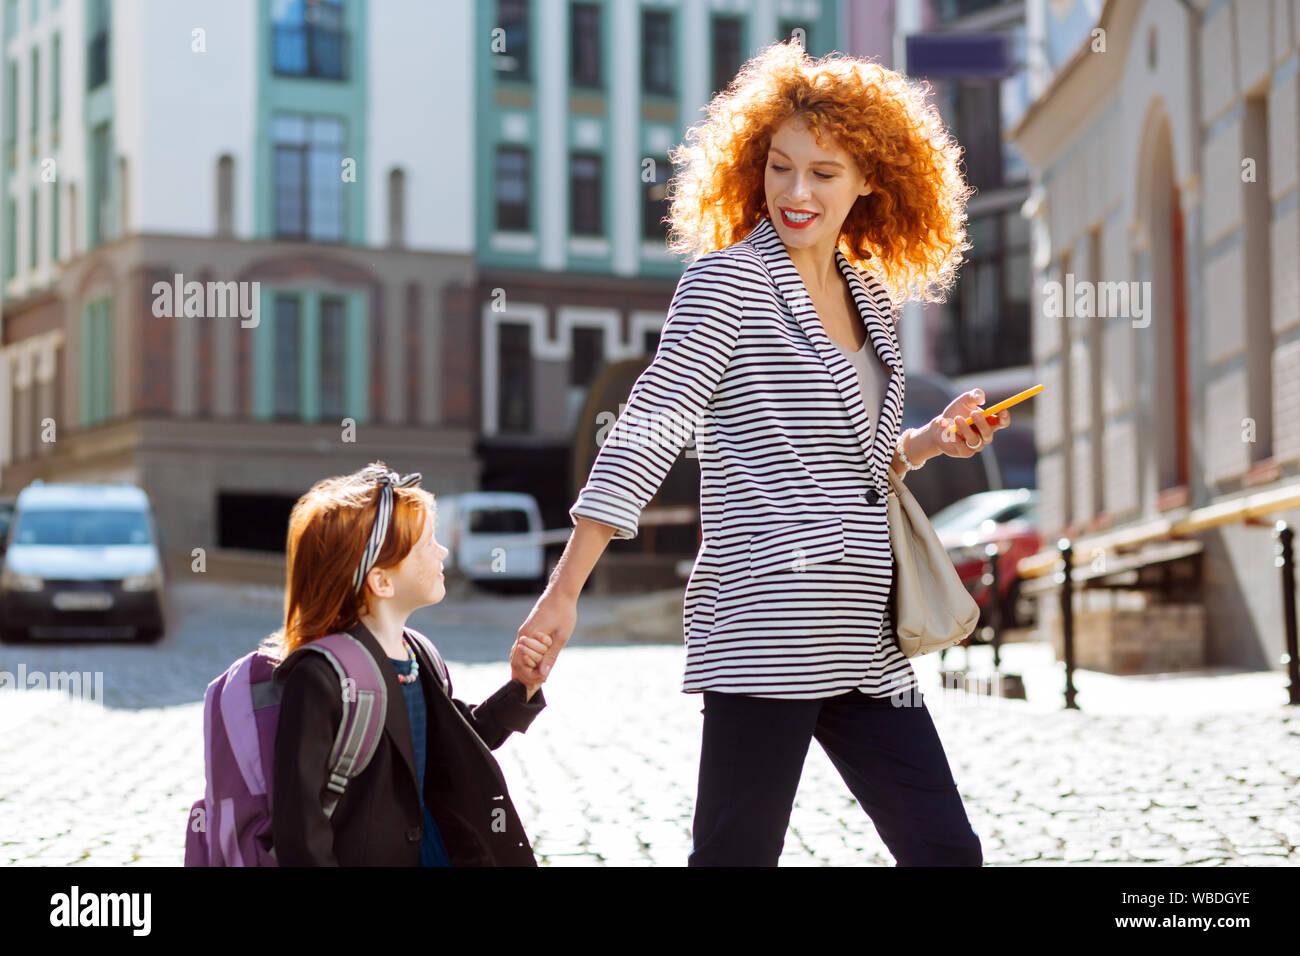 Positiv erfreut, rothaarige Frau an ihr Kind suchen Stockfoto